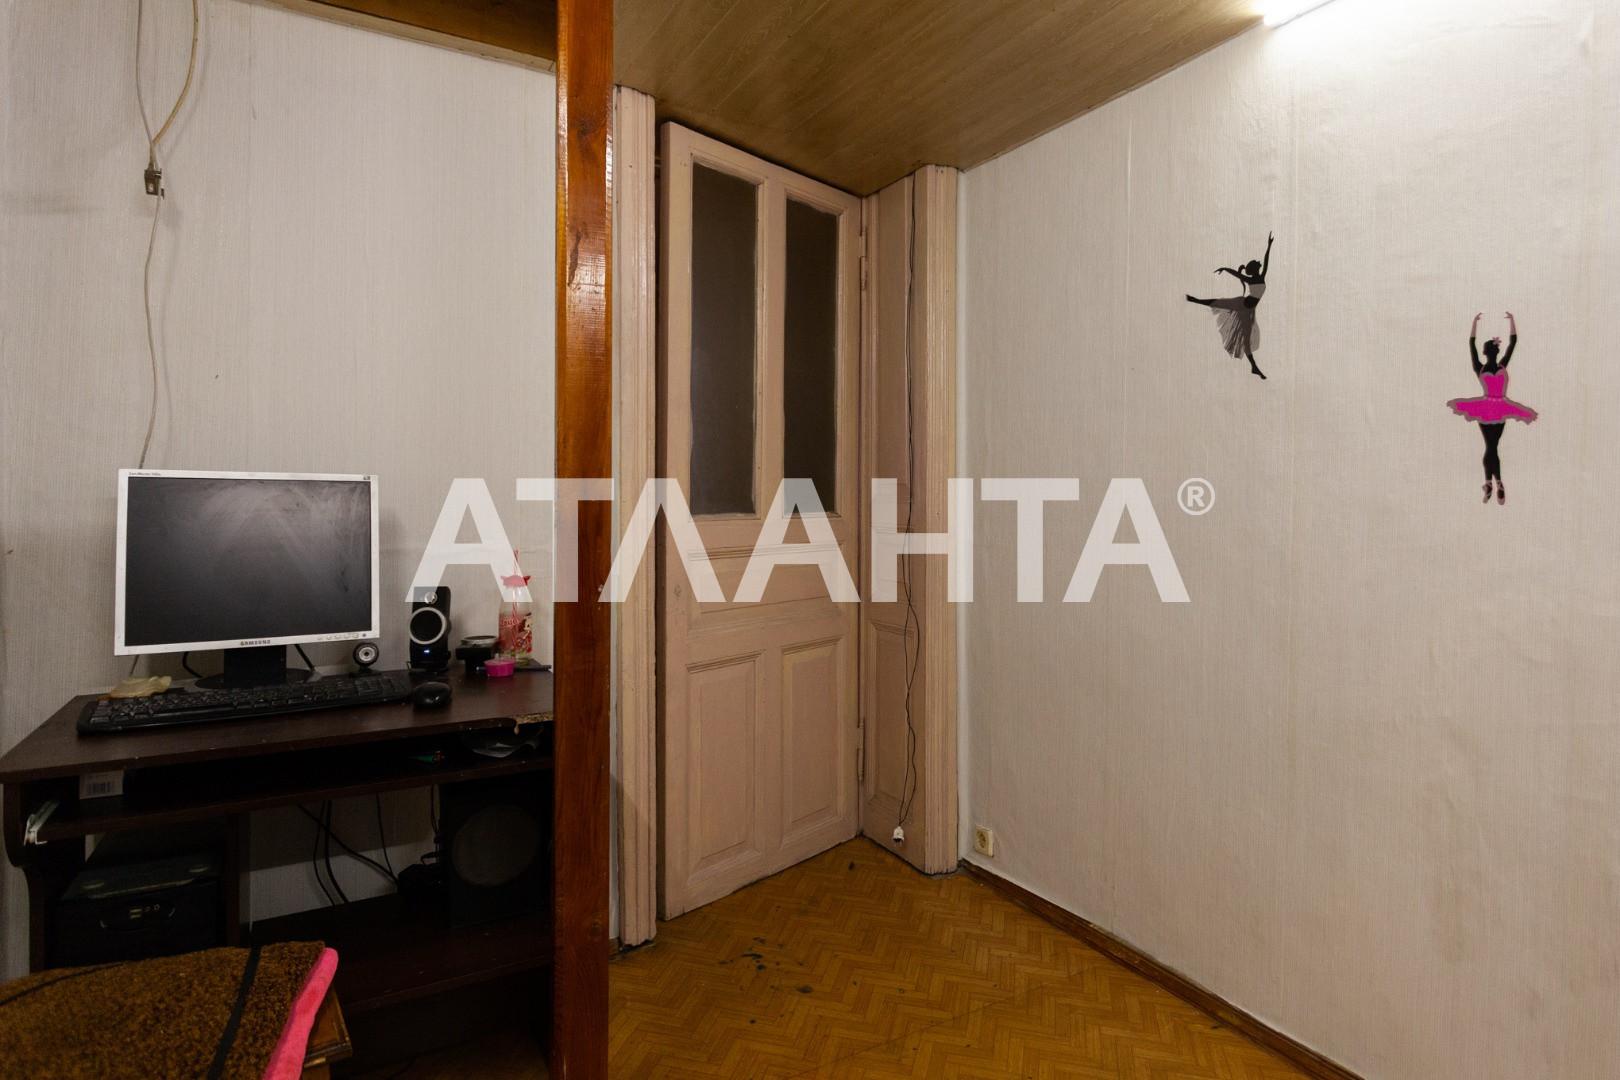 Продается 2-комнатная Квартира на ул. Жуковского — 38 000 у.е. (фото №7)